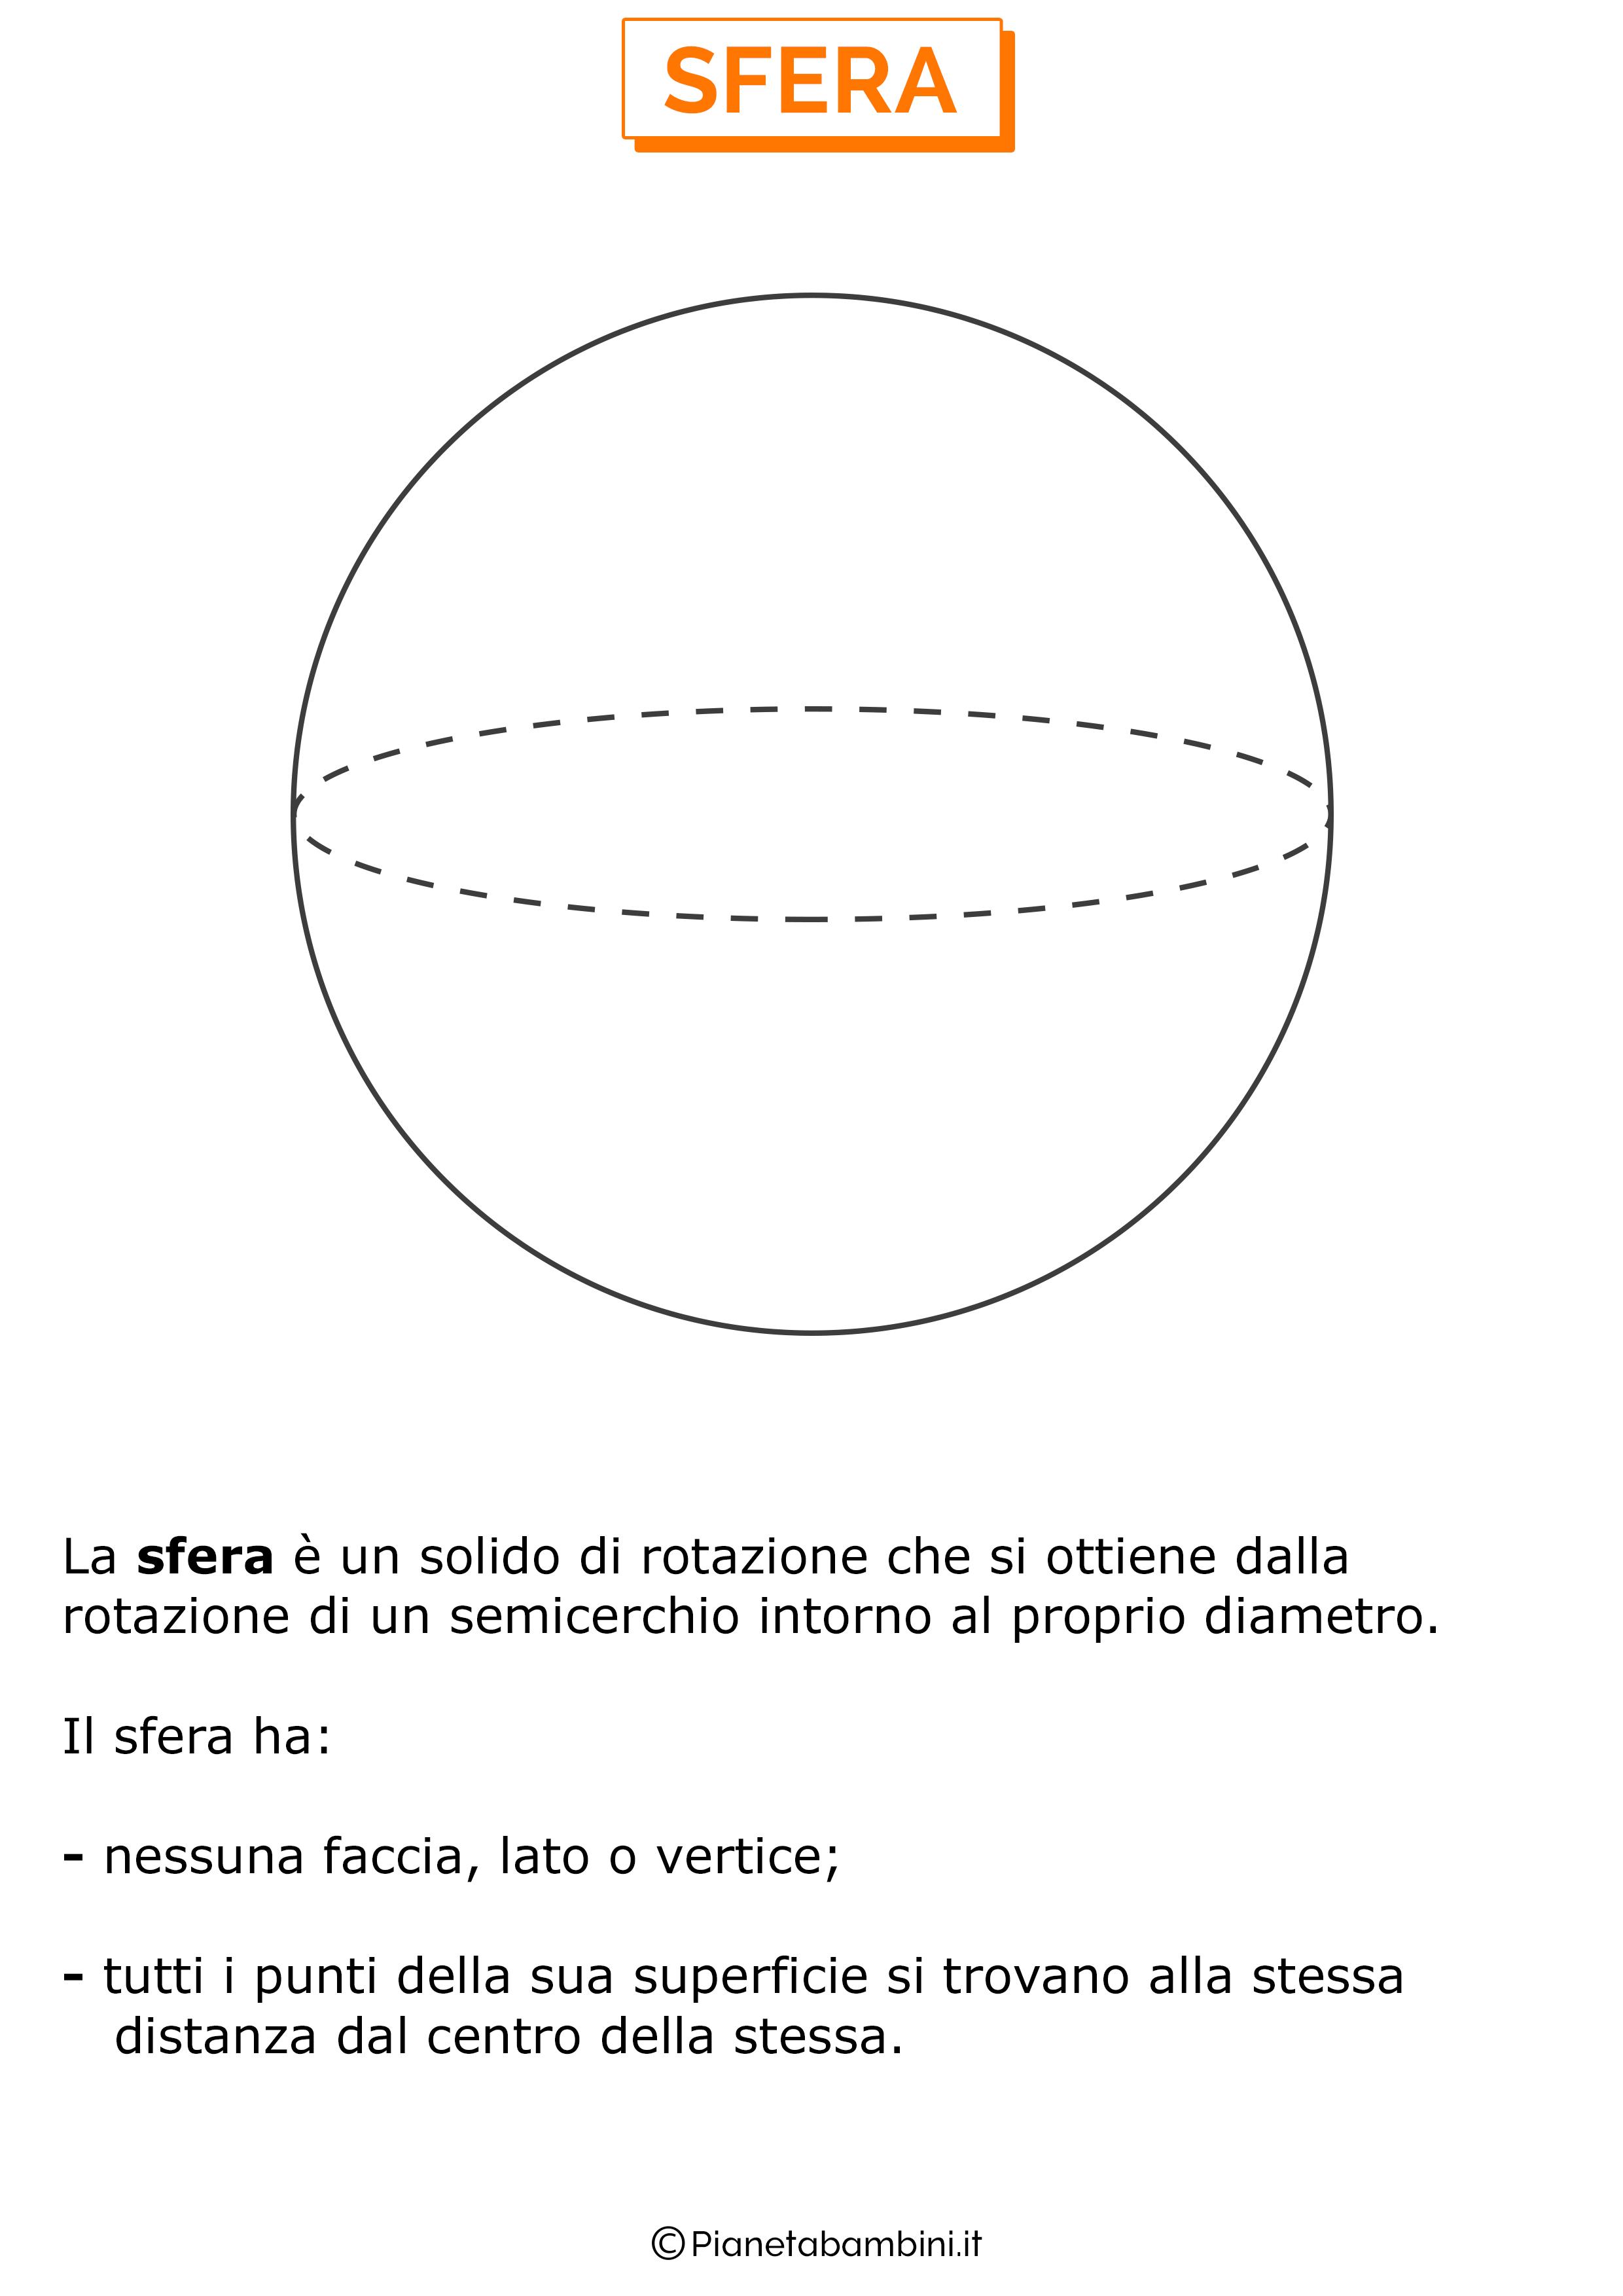 Immagine della sfera